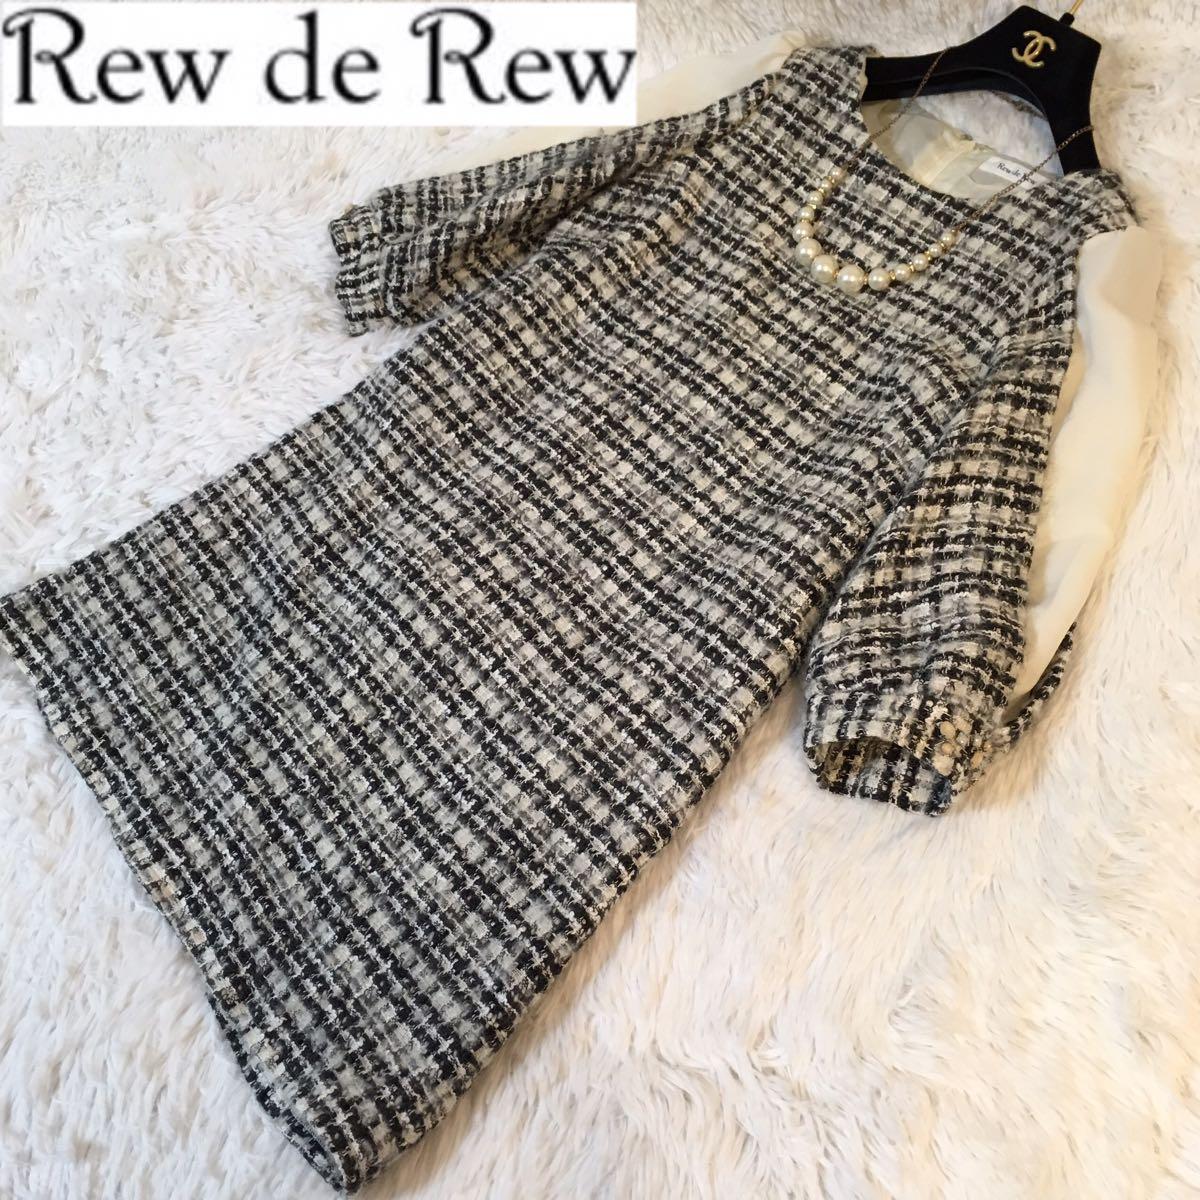 Rew de Rewルゥデルゥ 大人可愛い 袖シフォン切り替え ツイードワンピースサイズ38♪